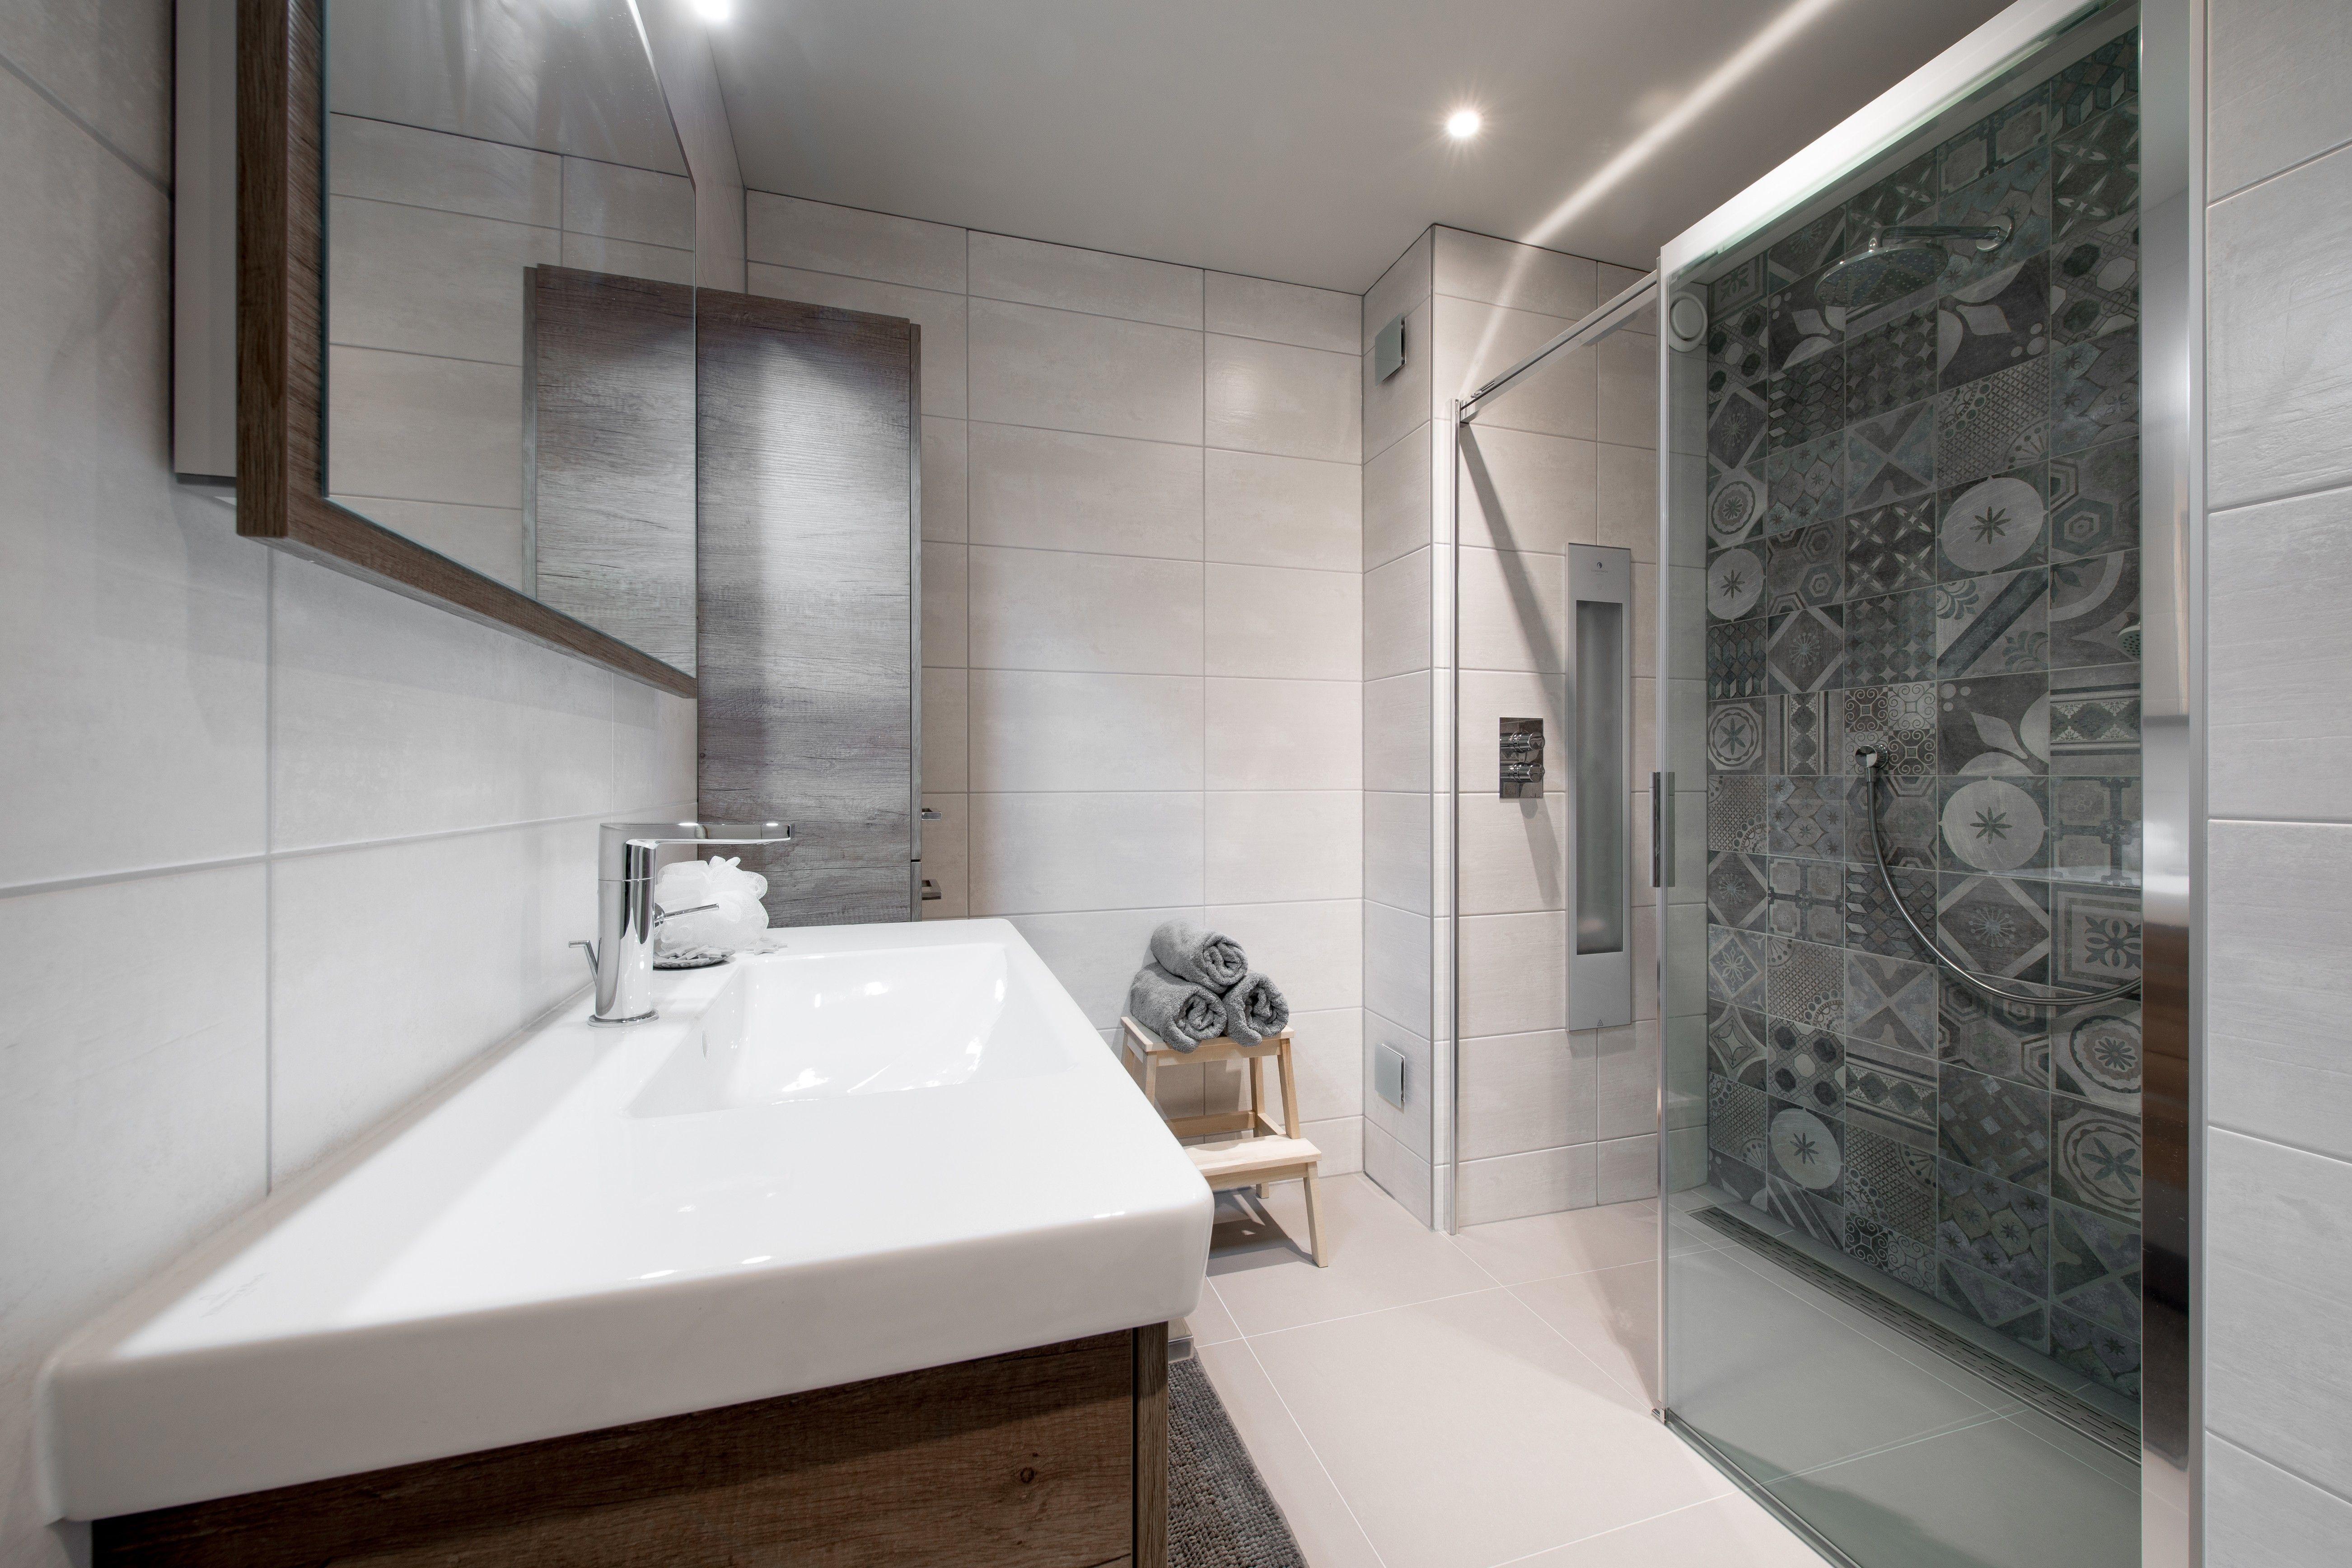 Inloopdouche Met Wastafelonderkast : Warme landelijke badkamer houten wastafelonderkast sunshower